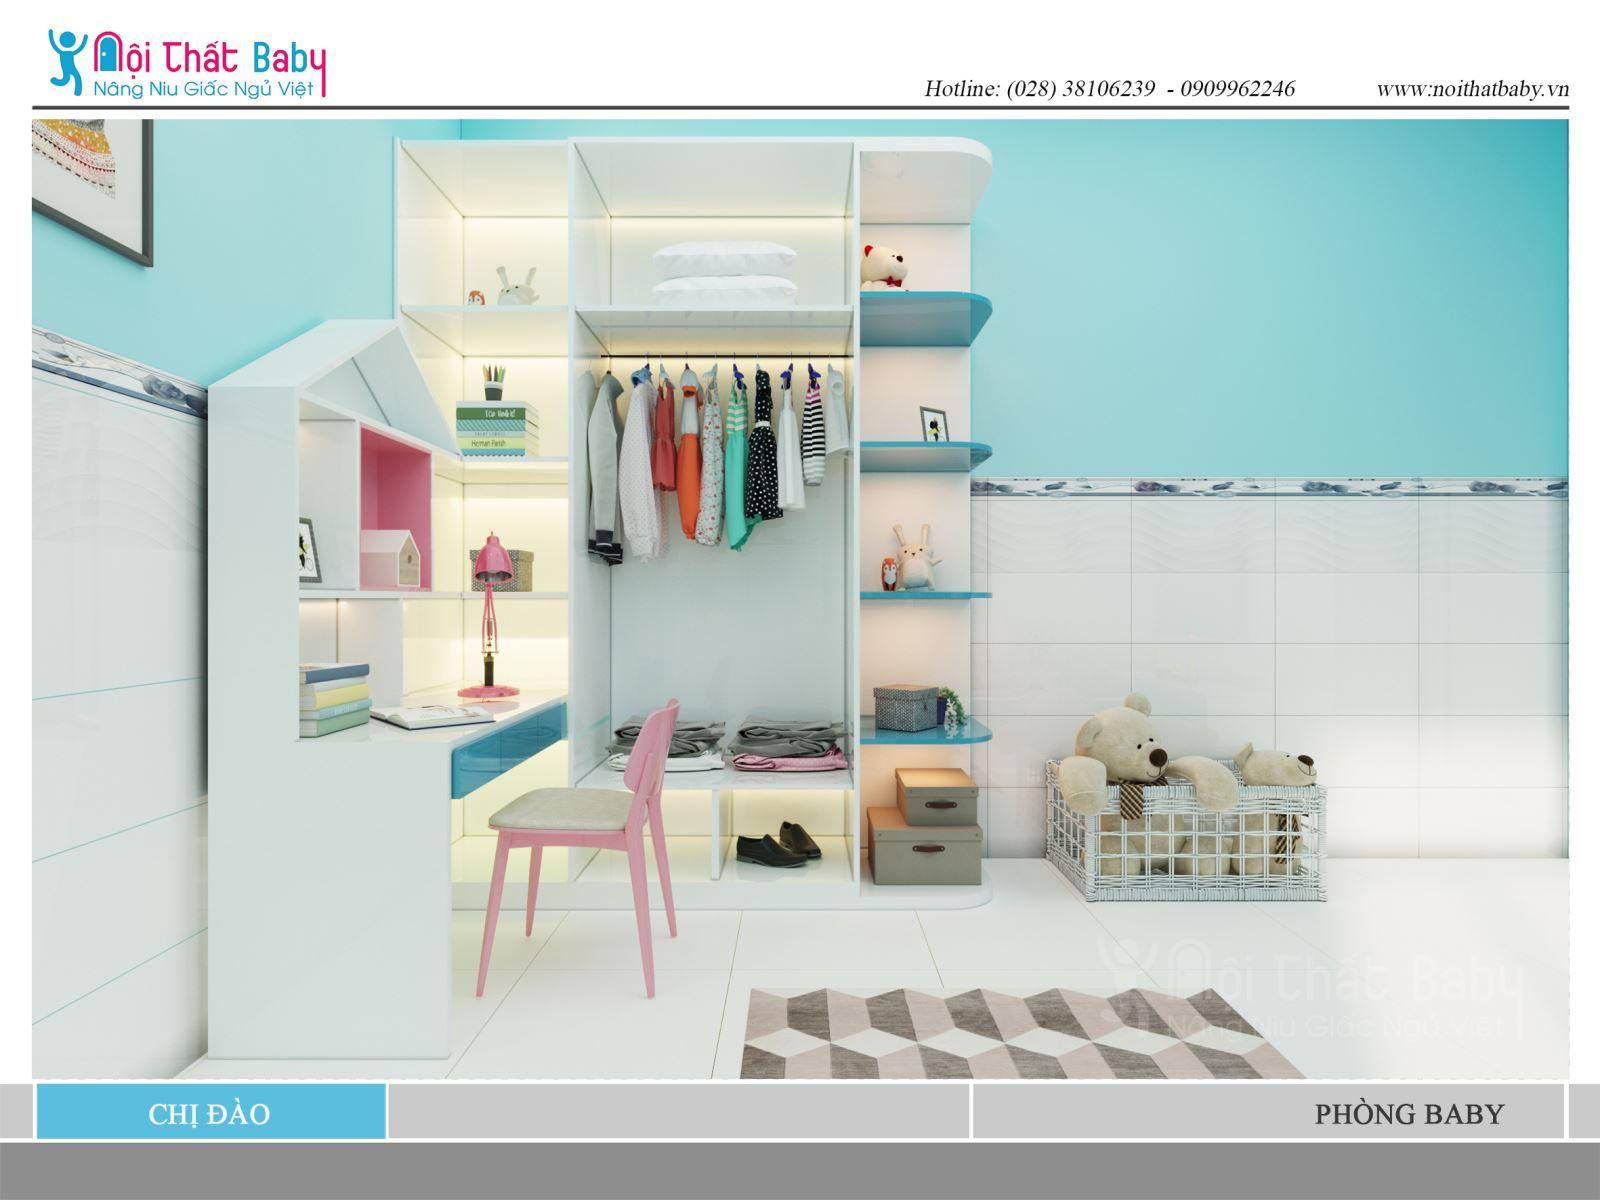 Mẫu thiết kế phòng ngủ bé gái đẹp với màu xanh nhà chị Đào